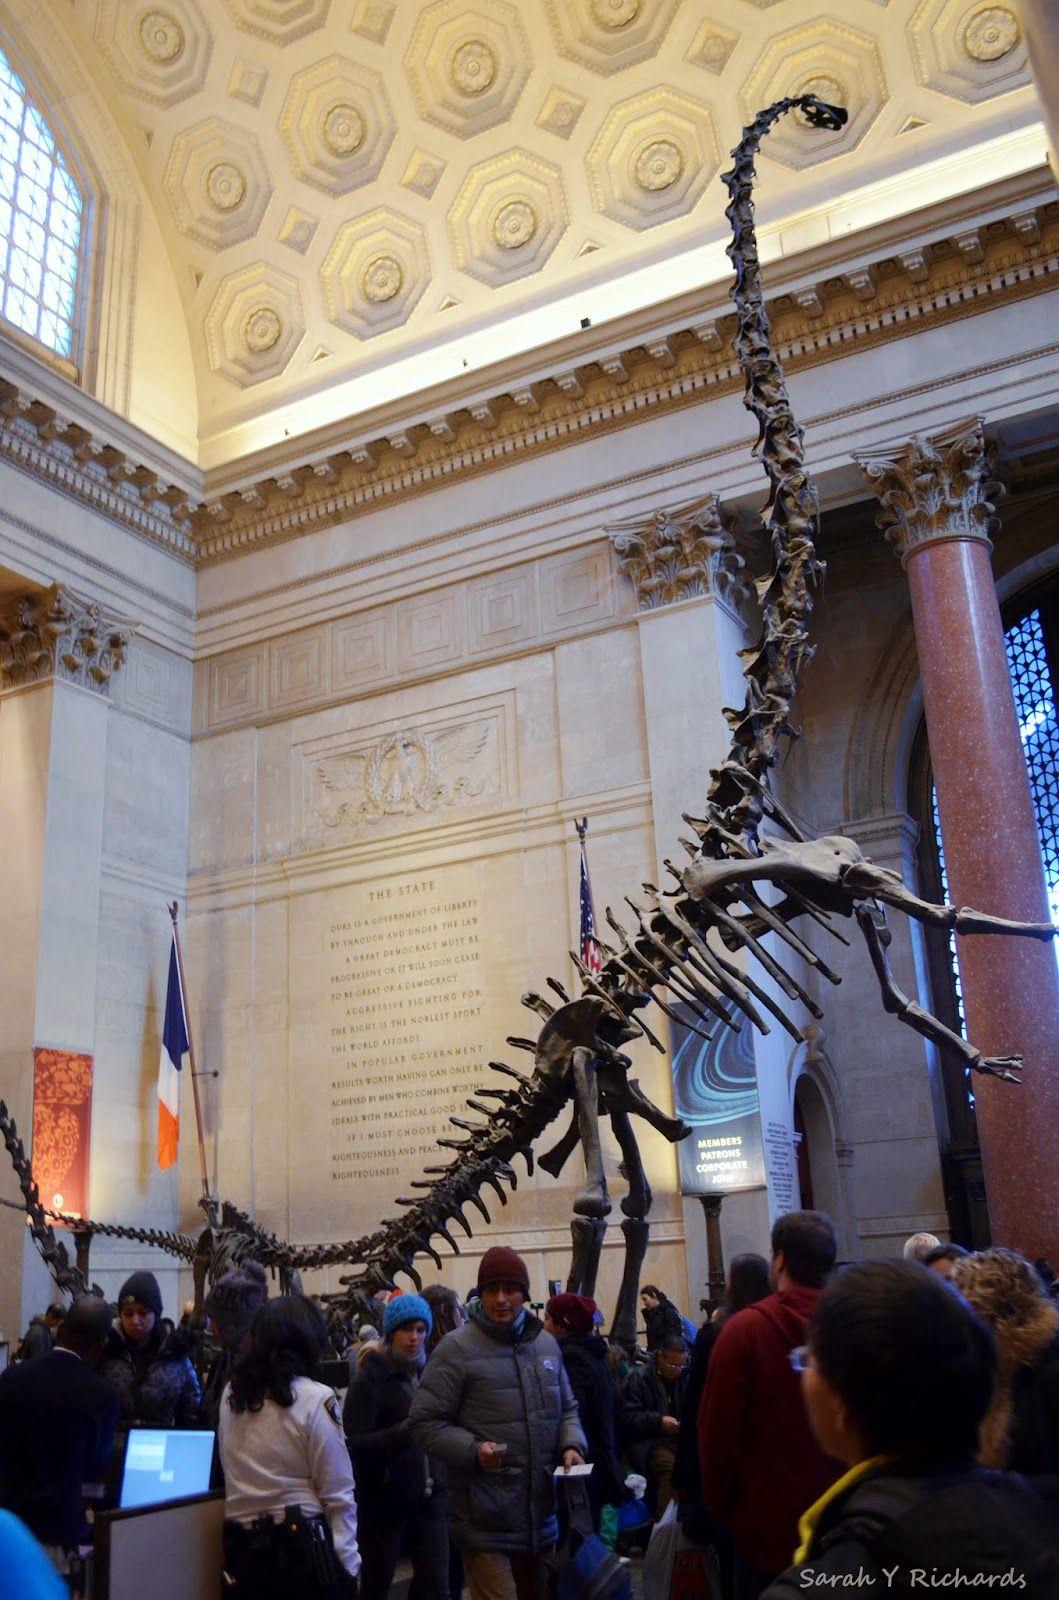 Descubre Cómo Entrar Gratis Al Museoamericanodehistorianacional Amnh Museo Museum Nyc Nuevayork Manh Museo Americano De Historia Natural Museos Viajes